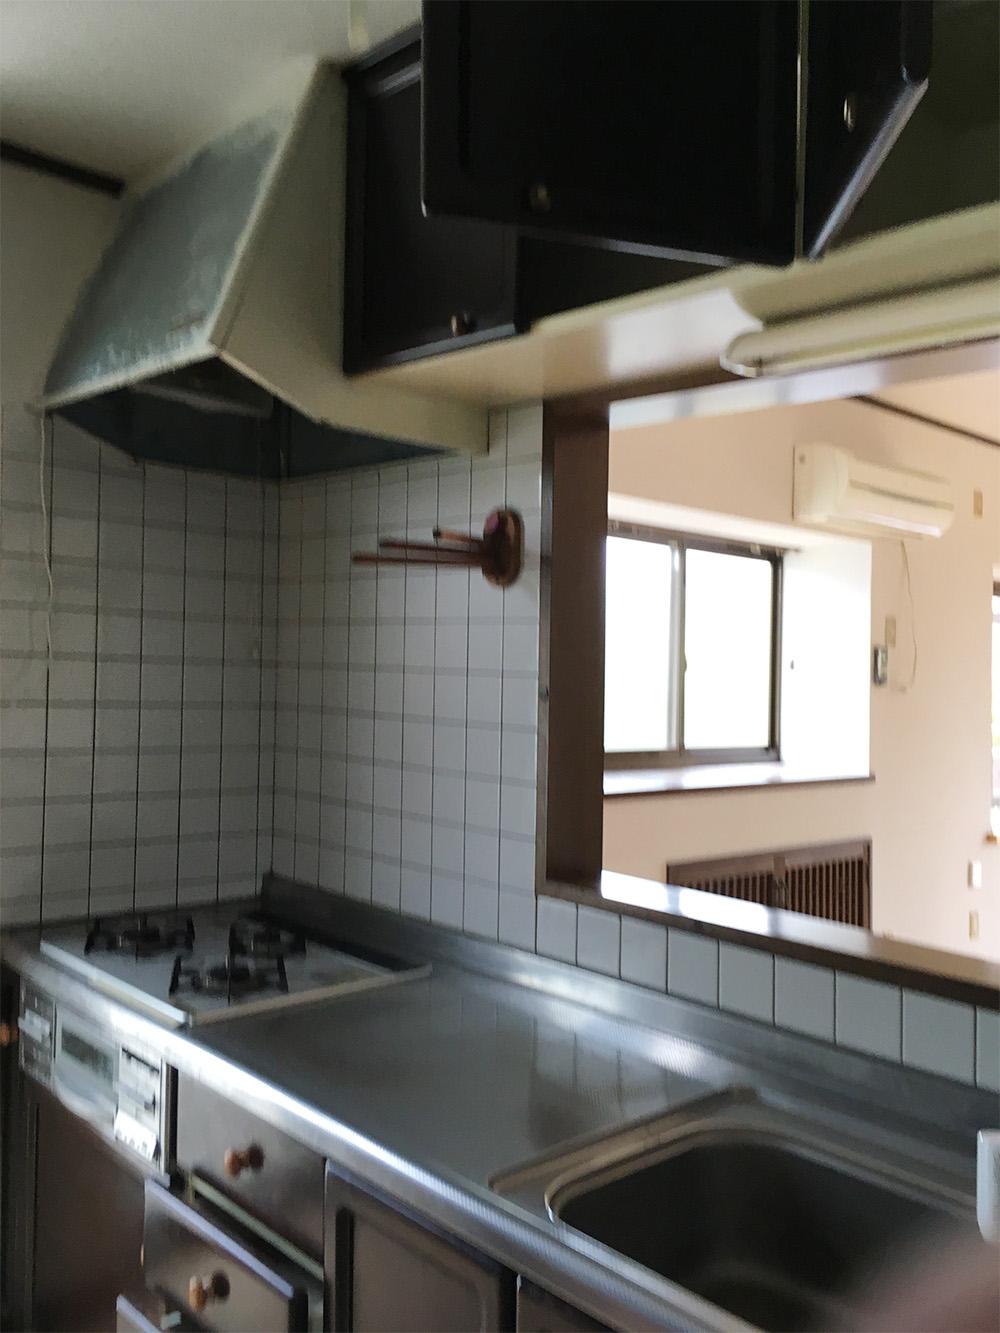 【ダイク株式会社】収納力のあるキッチンに変更したい・・・!